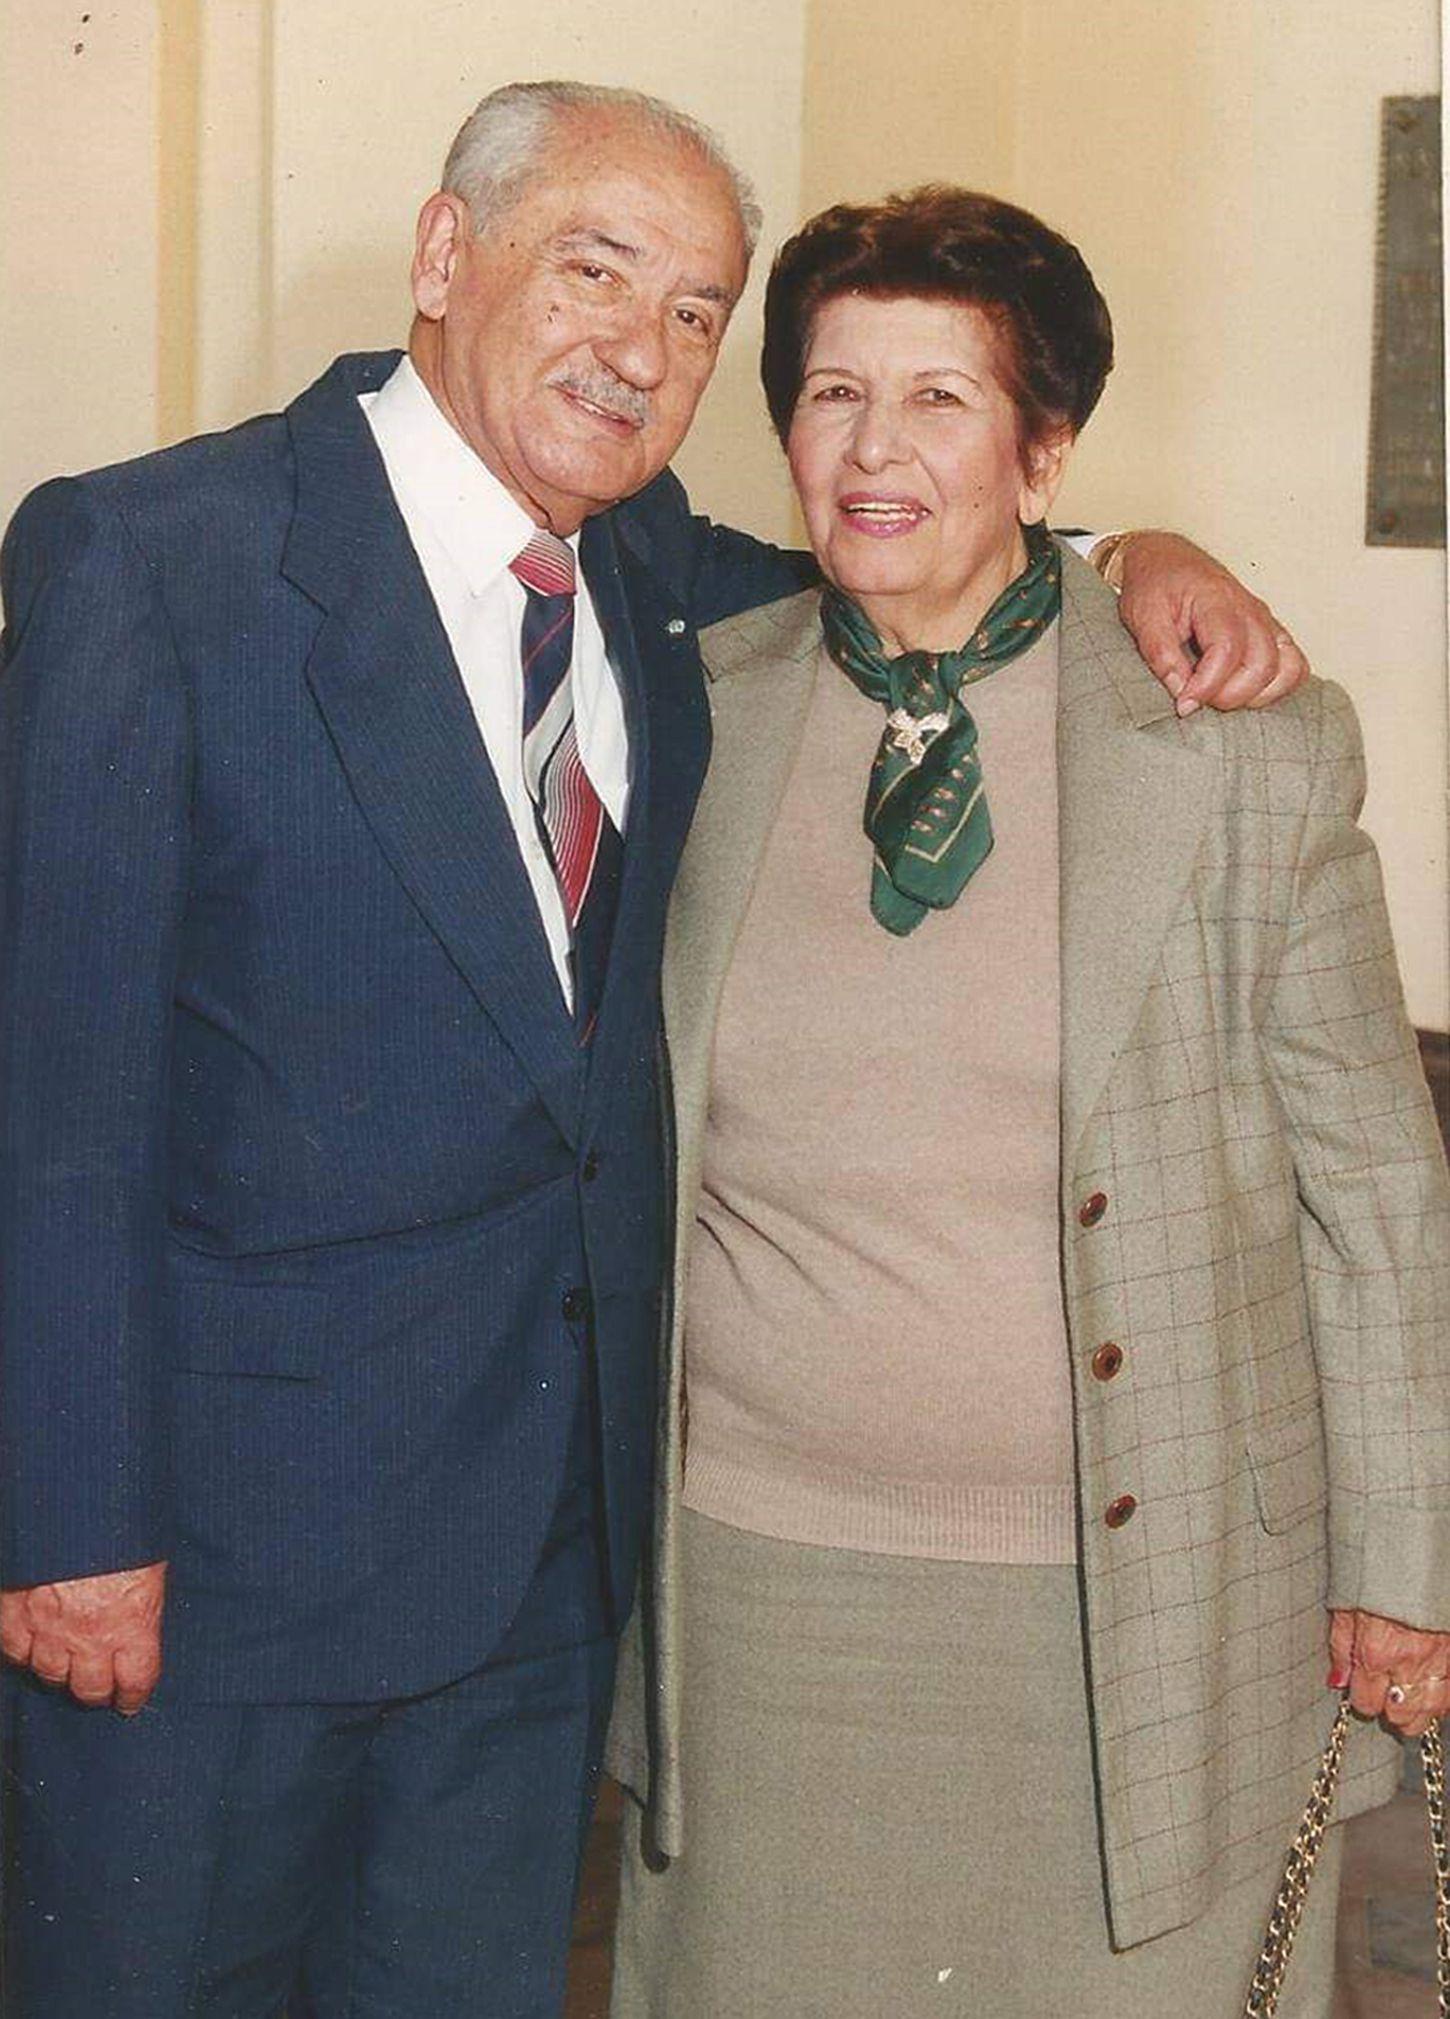 Amor y amistad. Pasaron los años y el amor siguió intacto.